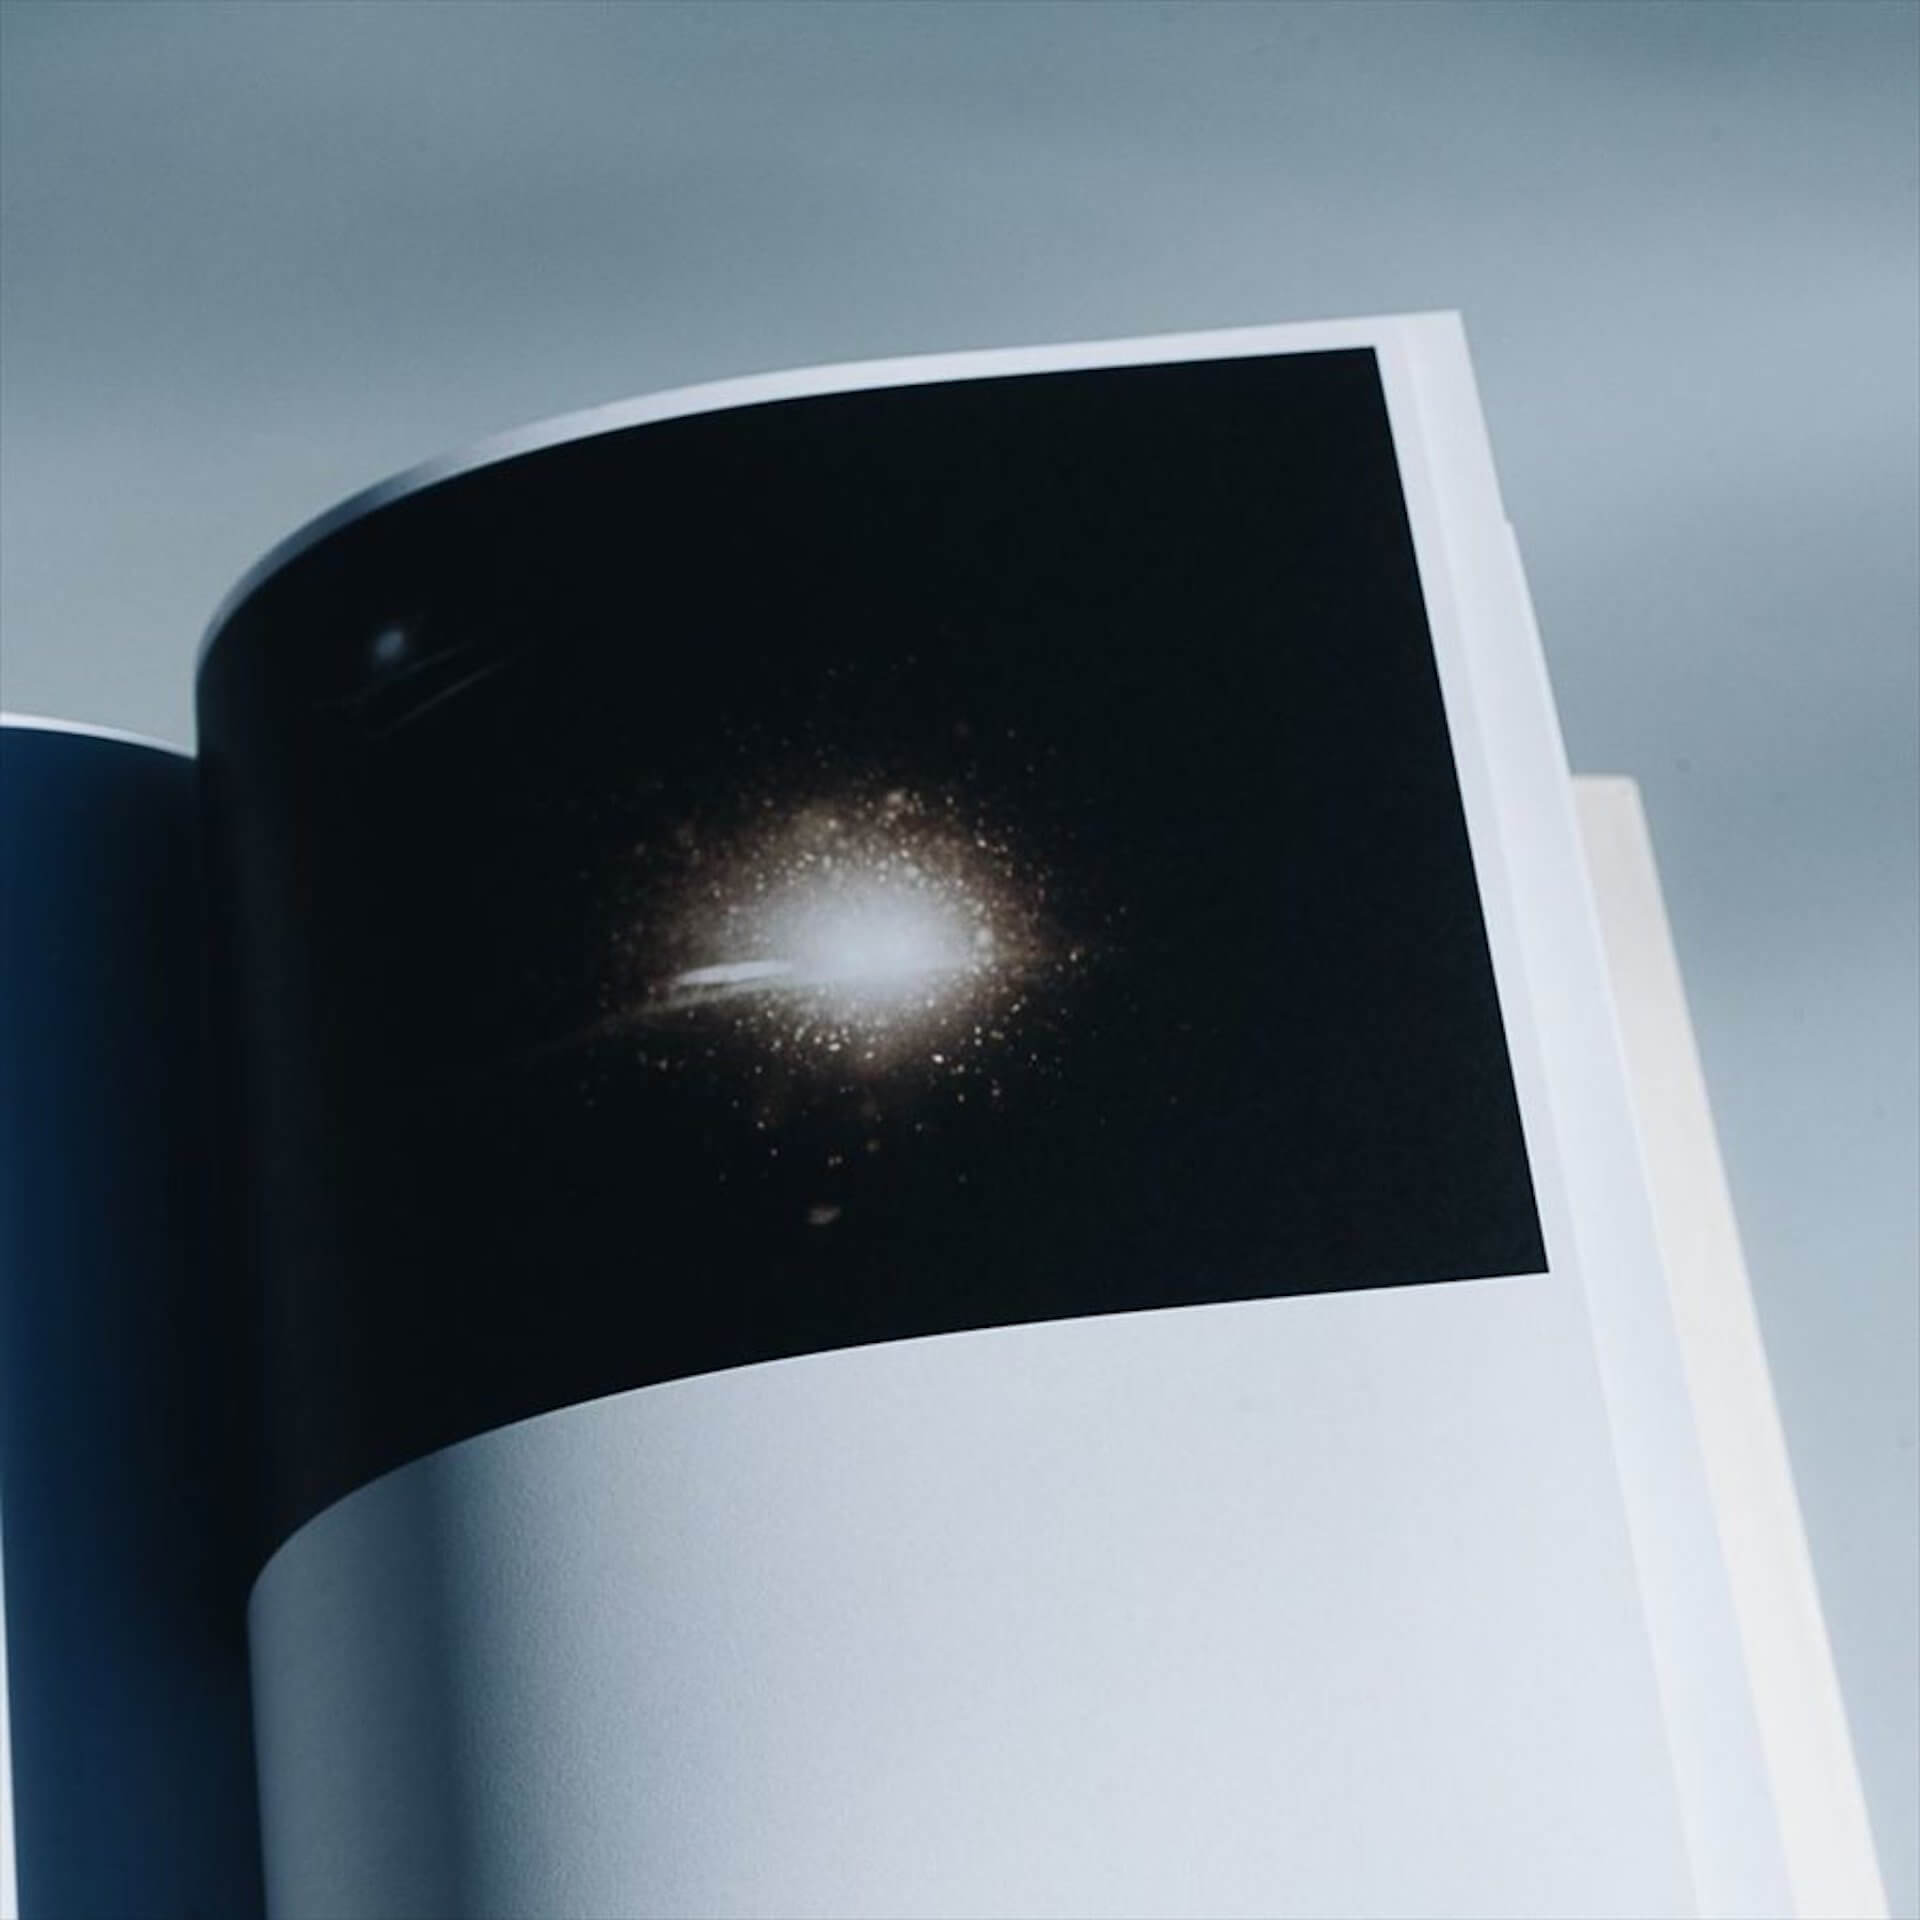 アートブックノススメ|Qetic編集部が選ぶ5冊/Roni Ahn 他 column210916_artbook-03